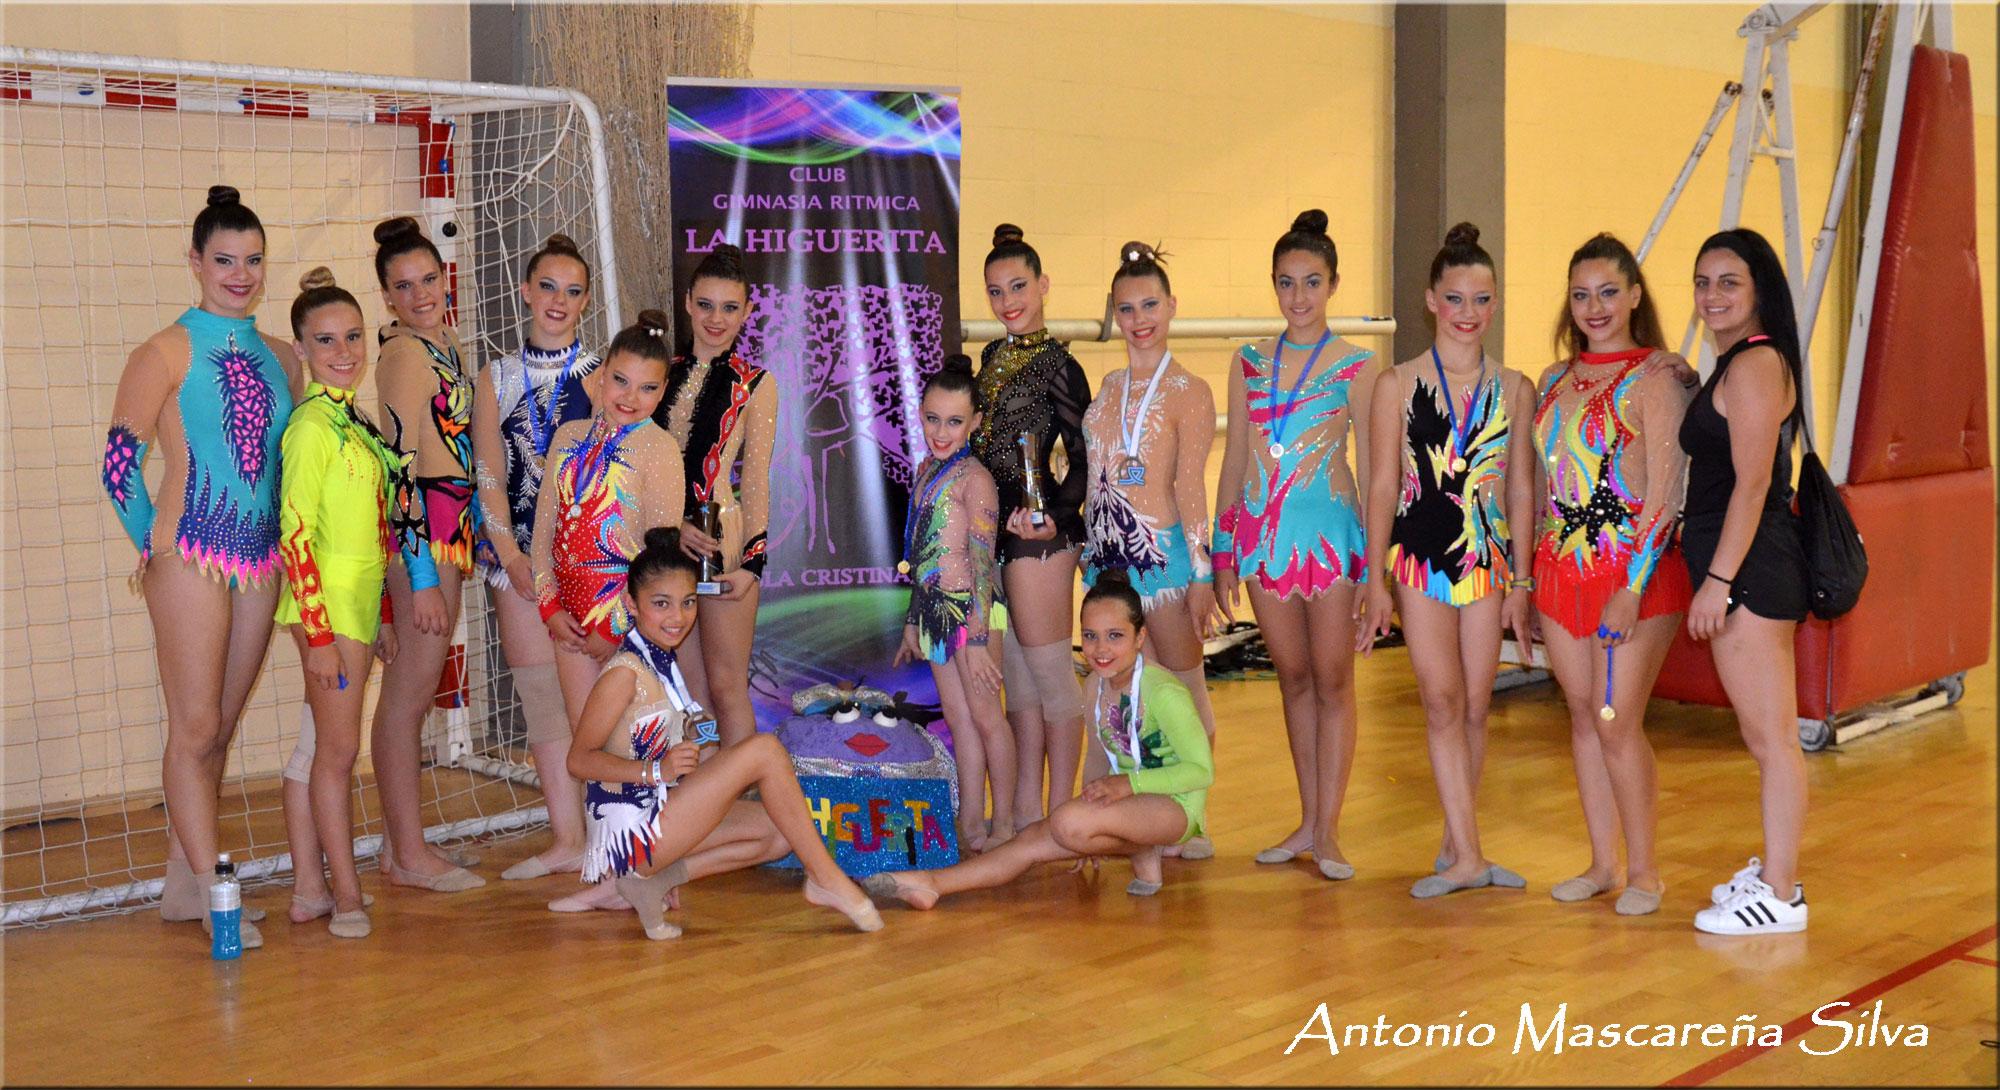 Galería Fotográfica del club de Gimnasia Rítmica la Higuerita en el VIII Torneo Kandela (Cádiz)